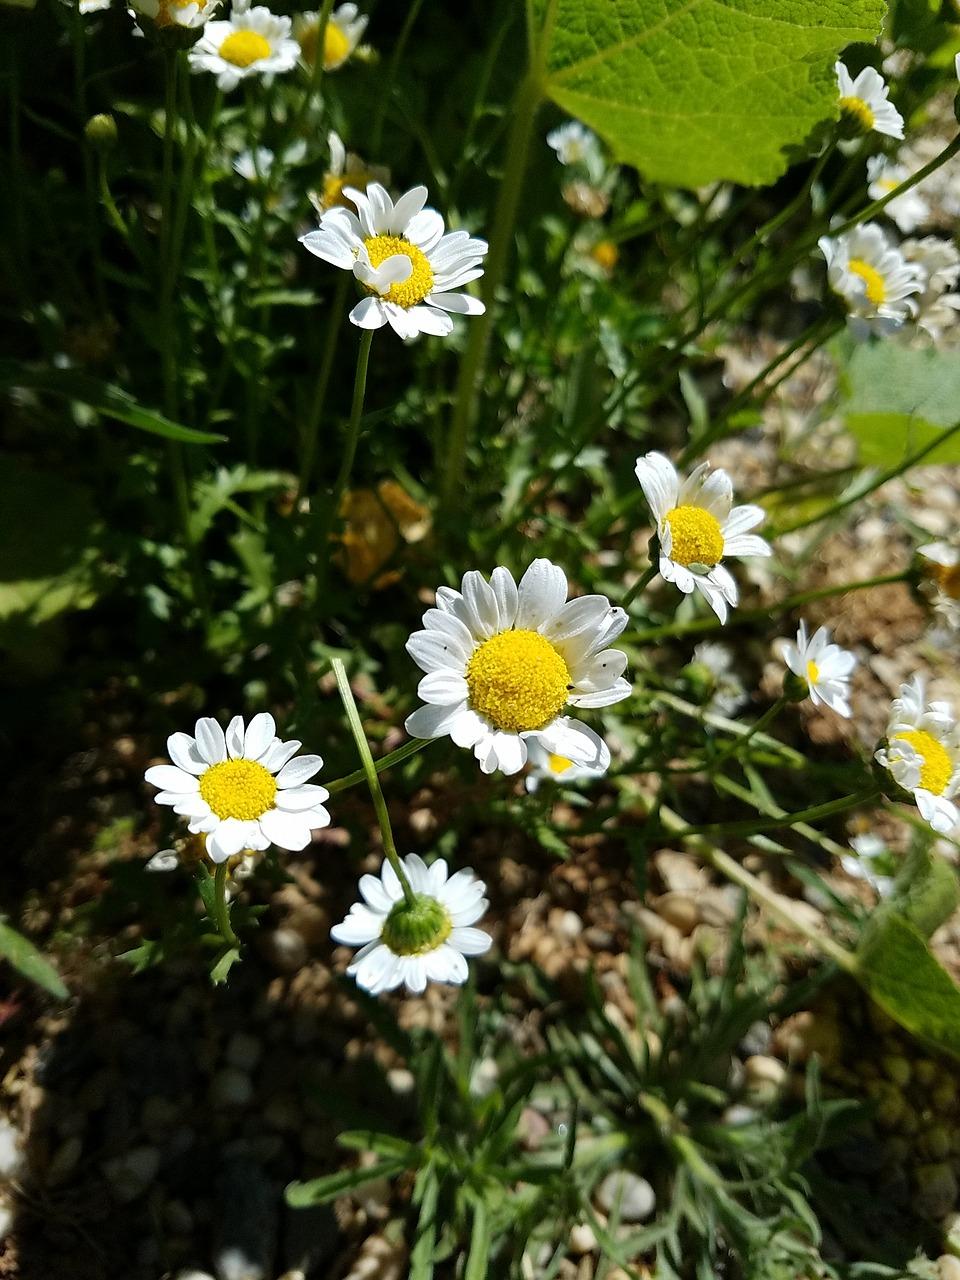 Daisiesflowersyellowbrightnature Free Photo From Needpix